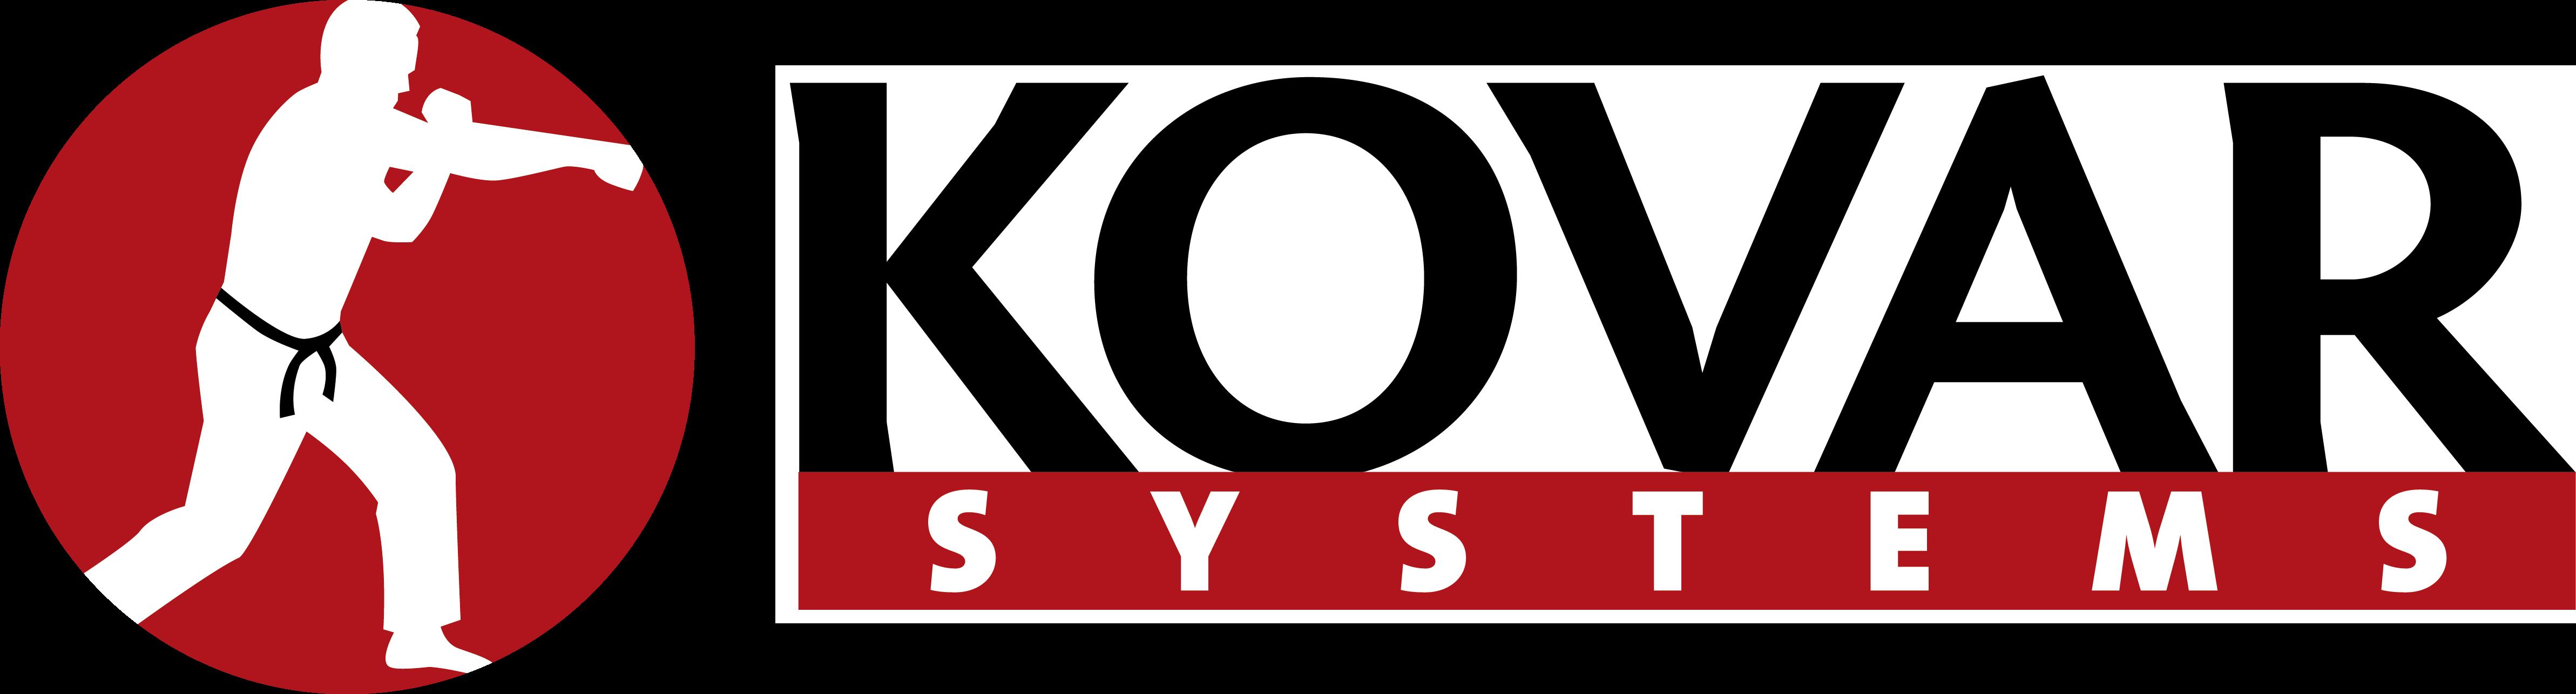 Kovar Systems